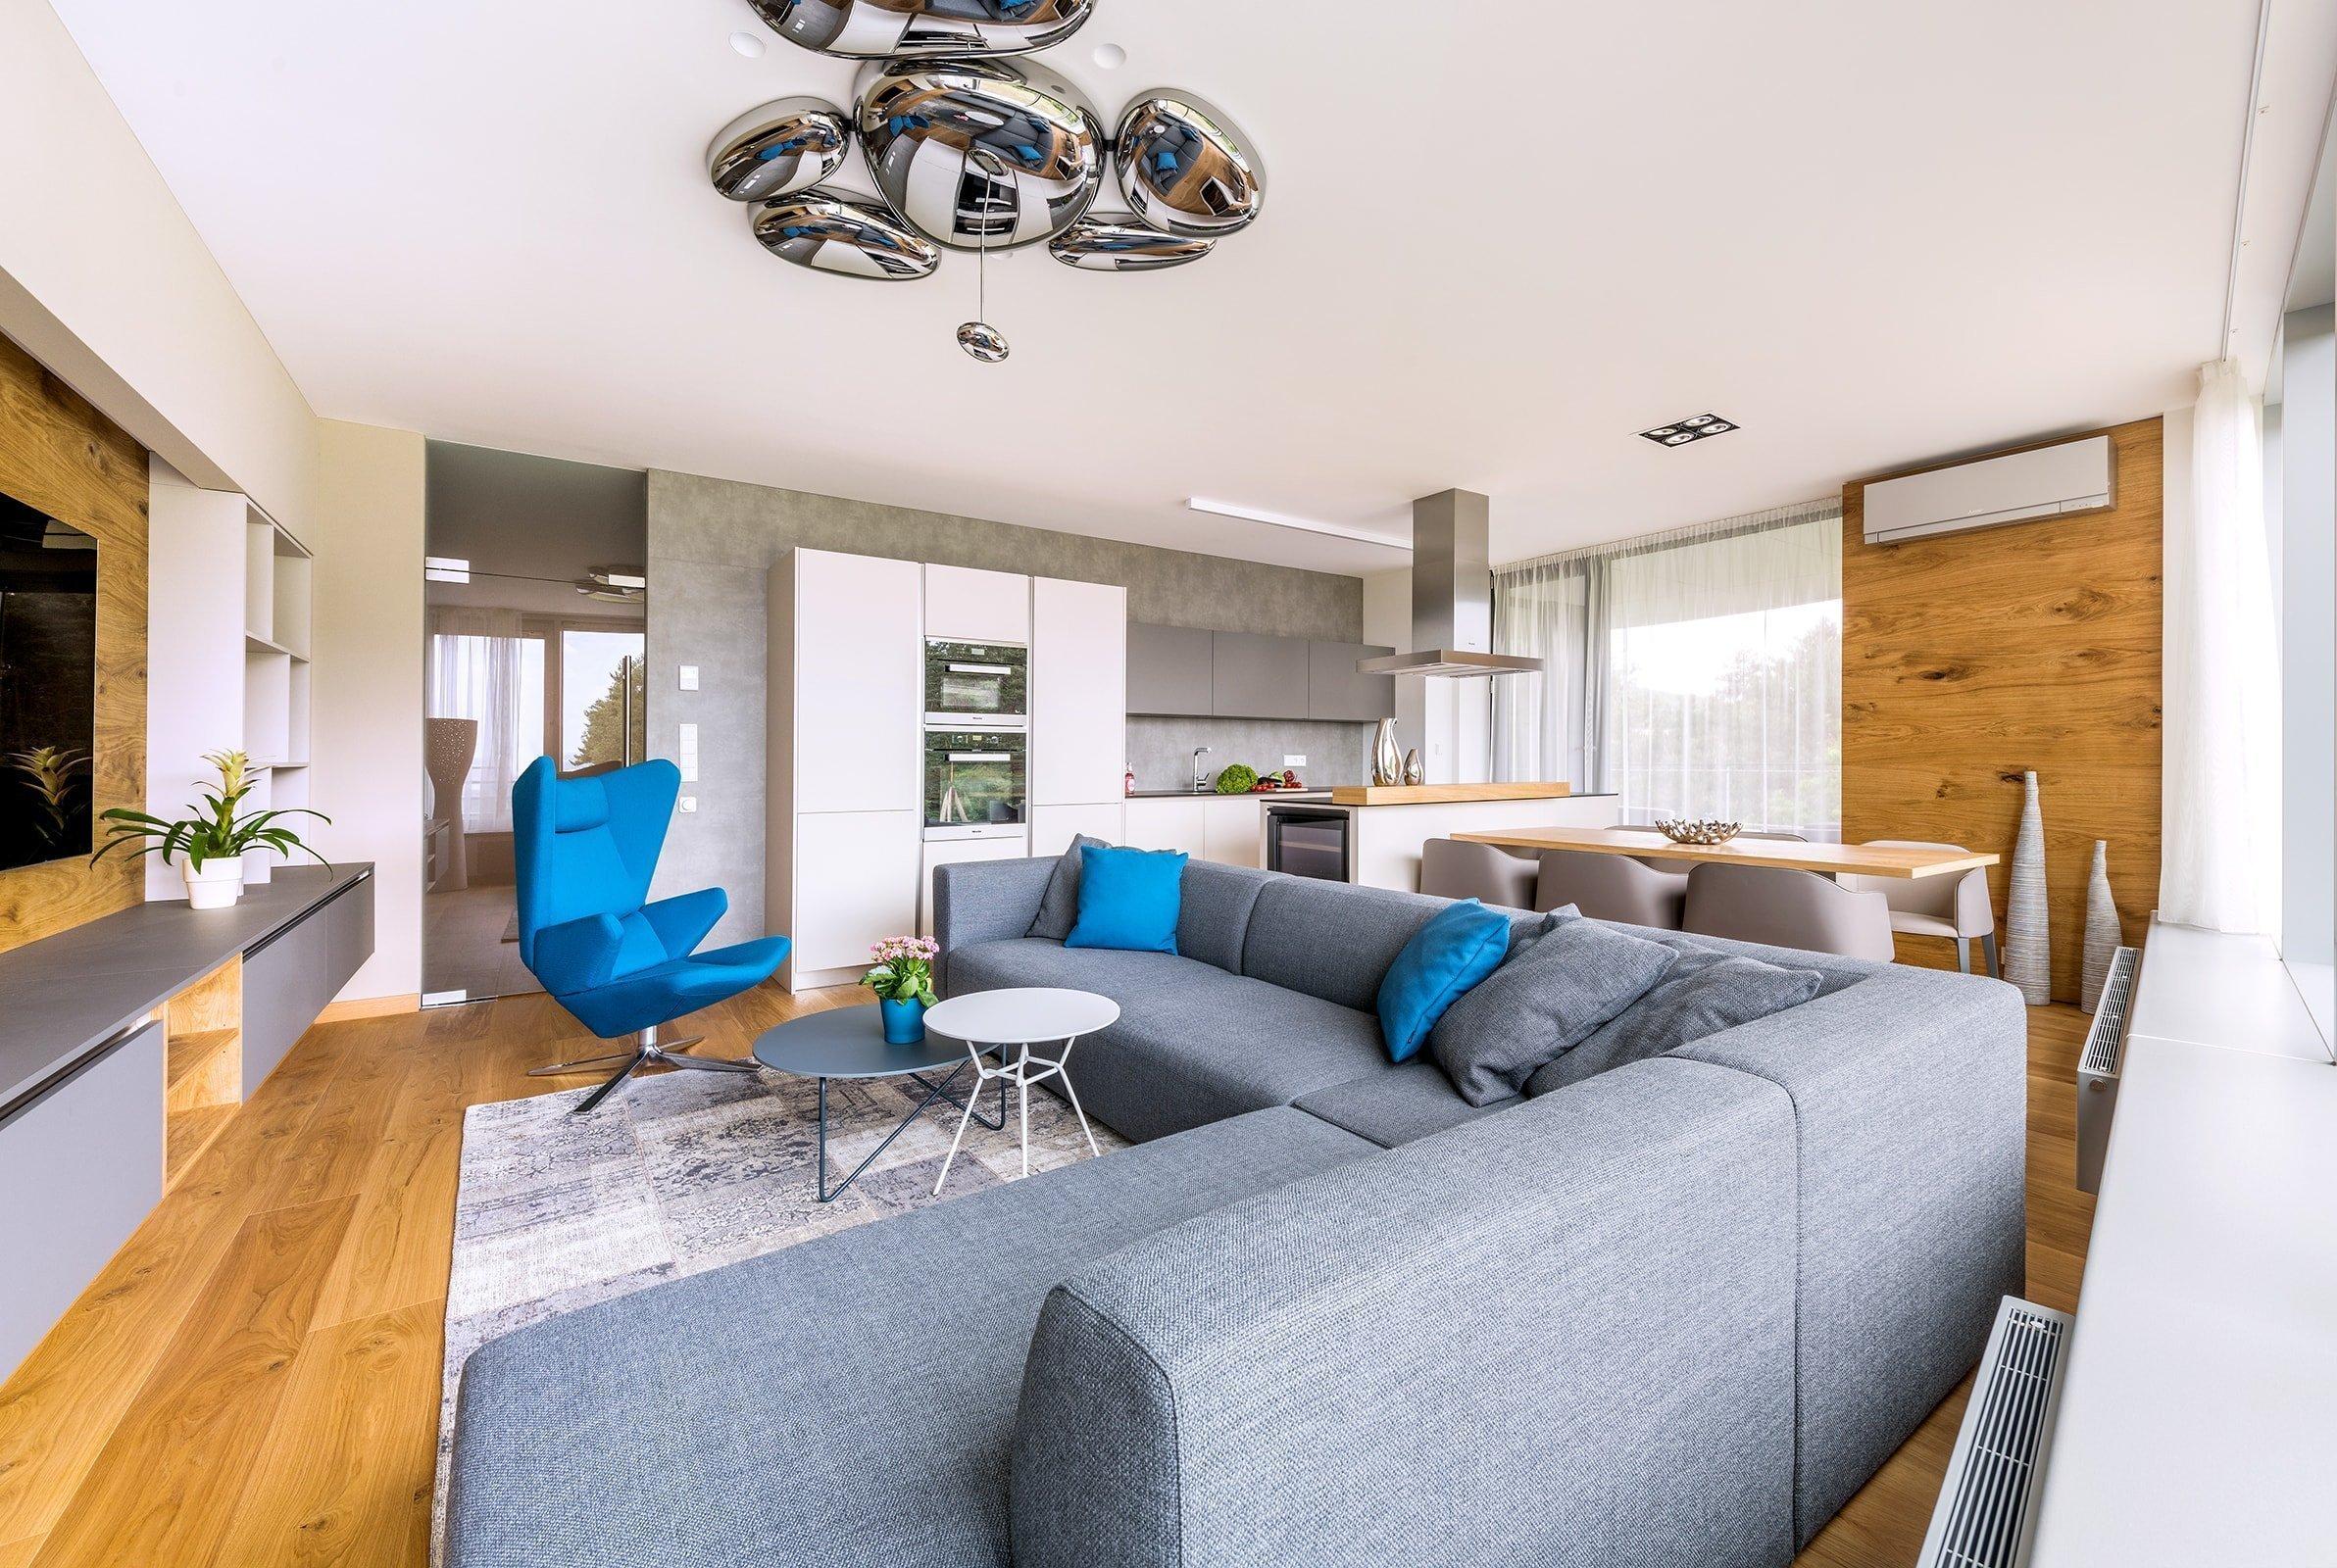 Vybrat ty správné barvy do bytu není vždy jednoduchá záležitost. Existuje celá řada pravidel a doporučení o tom, jaké odstíny použít do jednotlivých místností. Nemusíte nutně vymalovat celý interiér, abyste do něj vnesli trochu barev. Postačí výrazné křeslo, barevné potahy polštářů, nebo důmyslně zvolené doplňky.